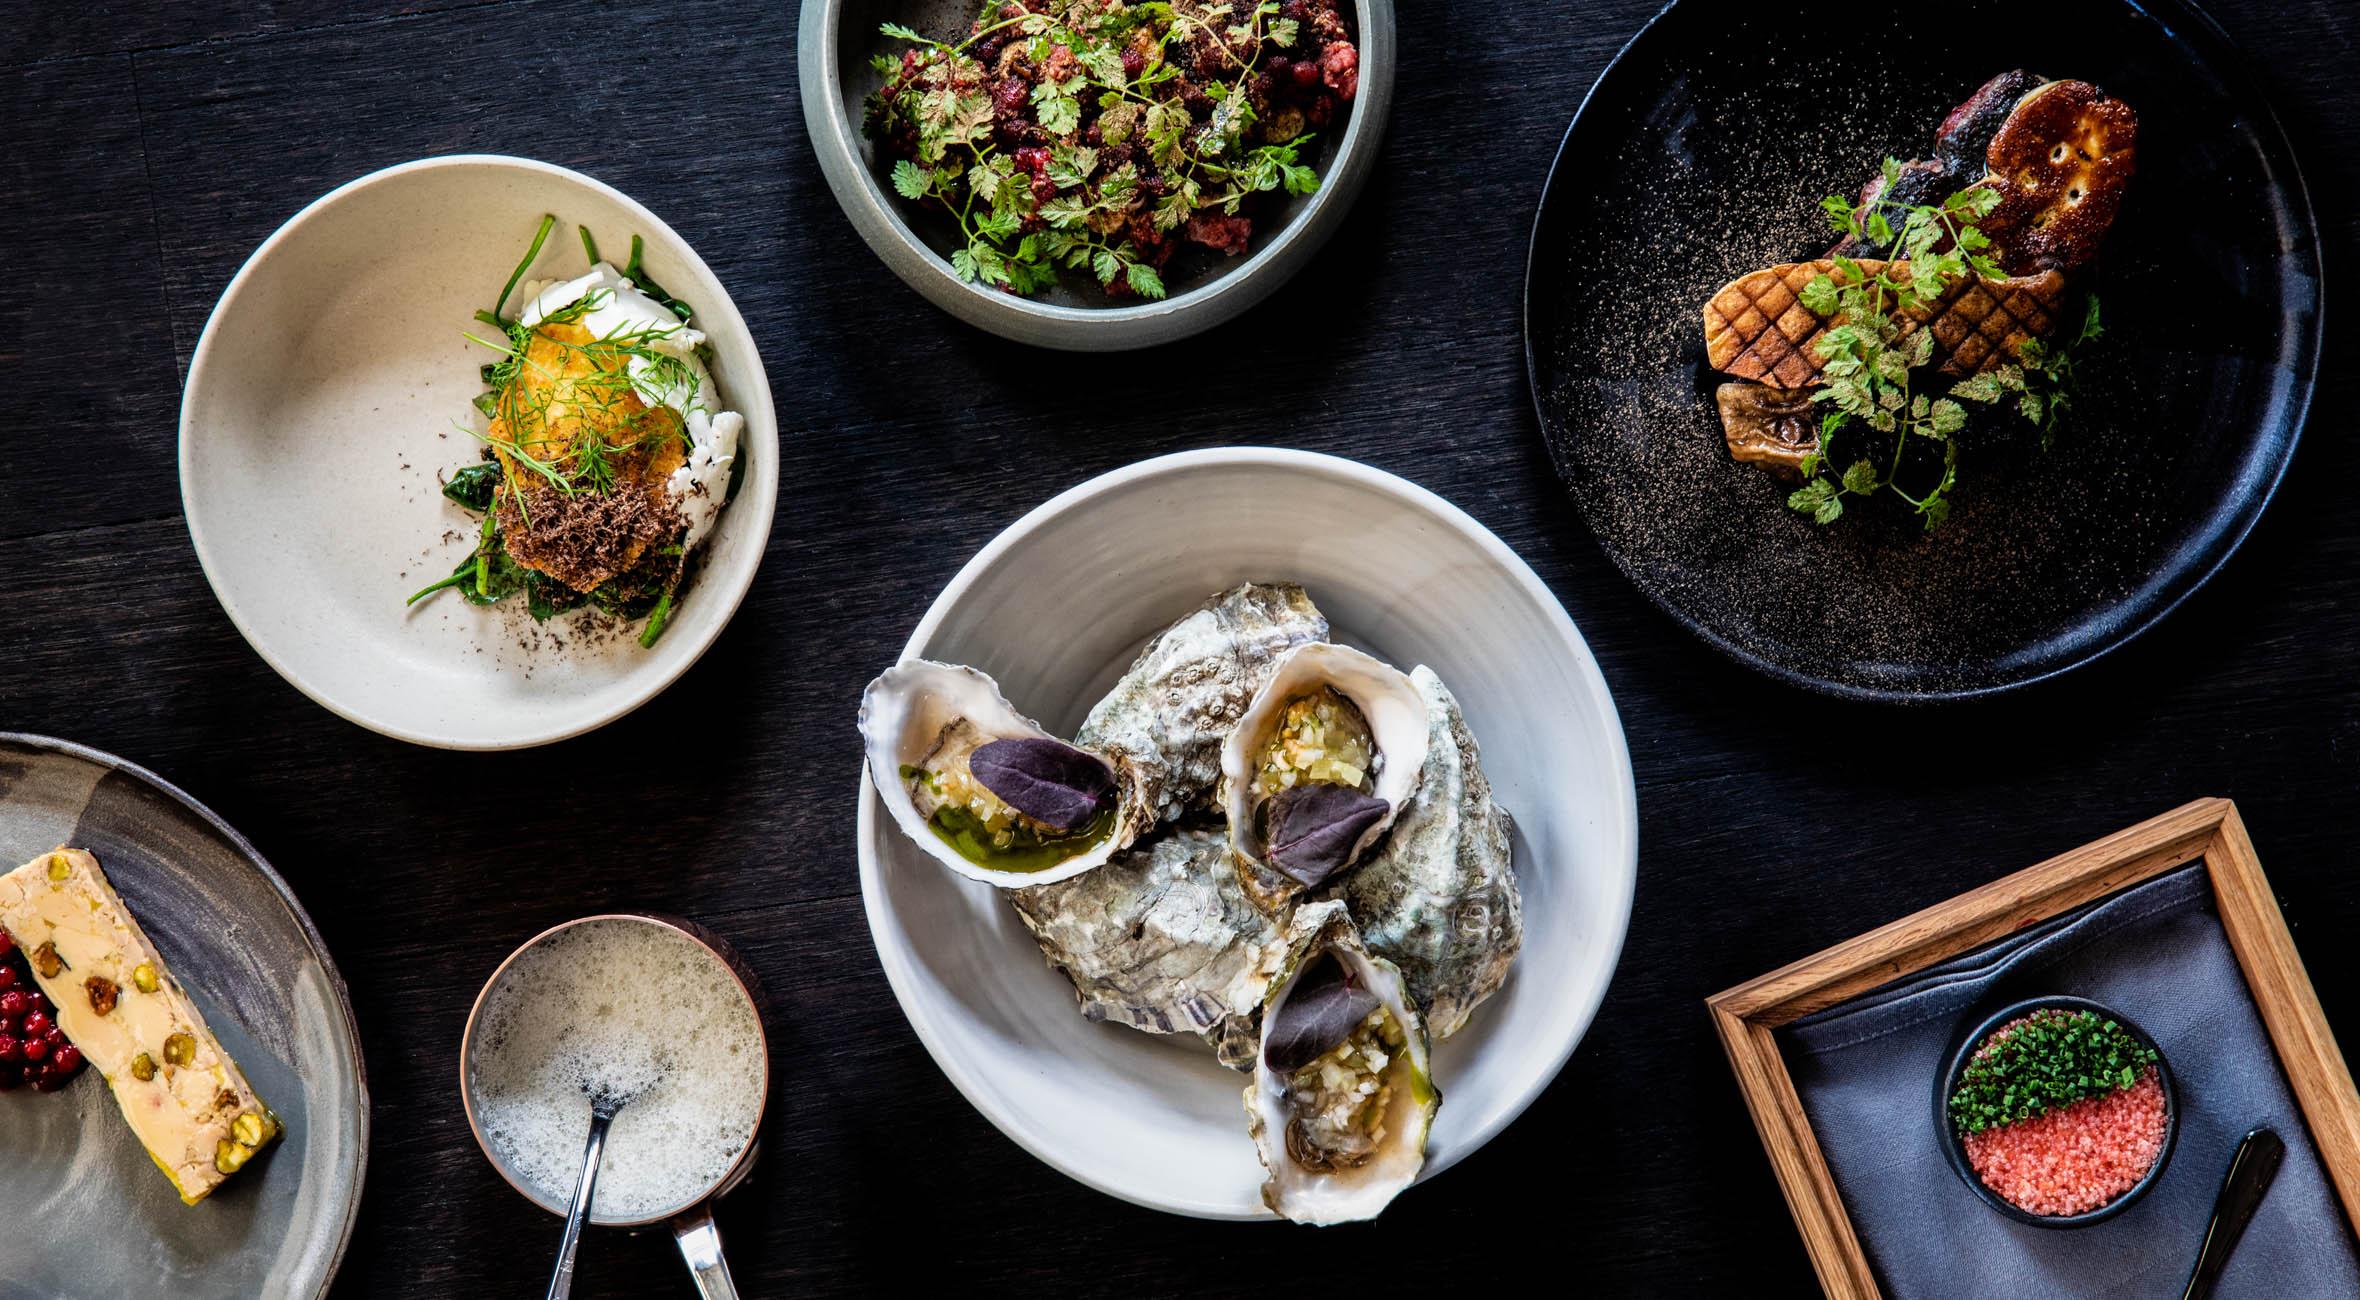 4-retters menu hos Restaurant Mastek – Anerkendte kokke byder på fransk-nordisk gastronomi i historisk pakhus